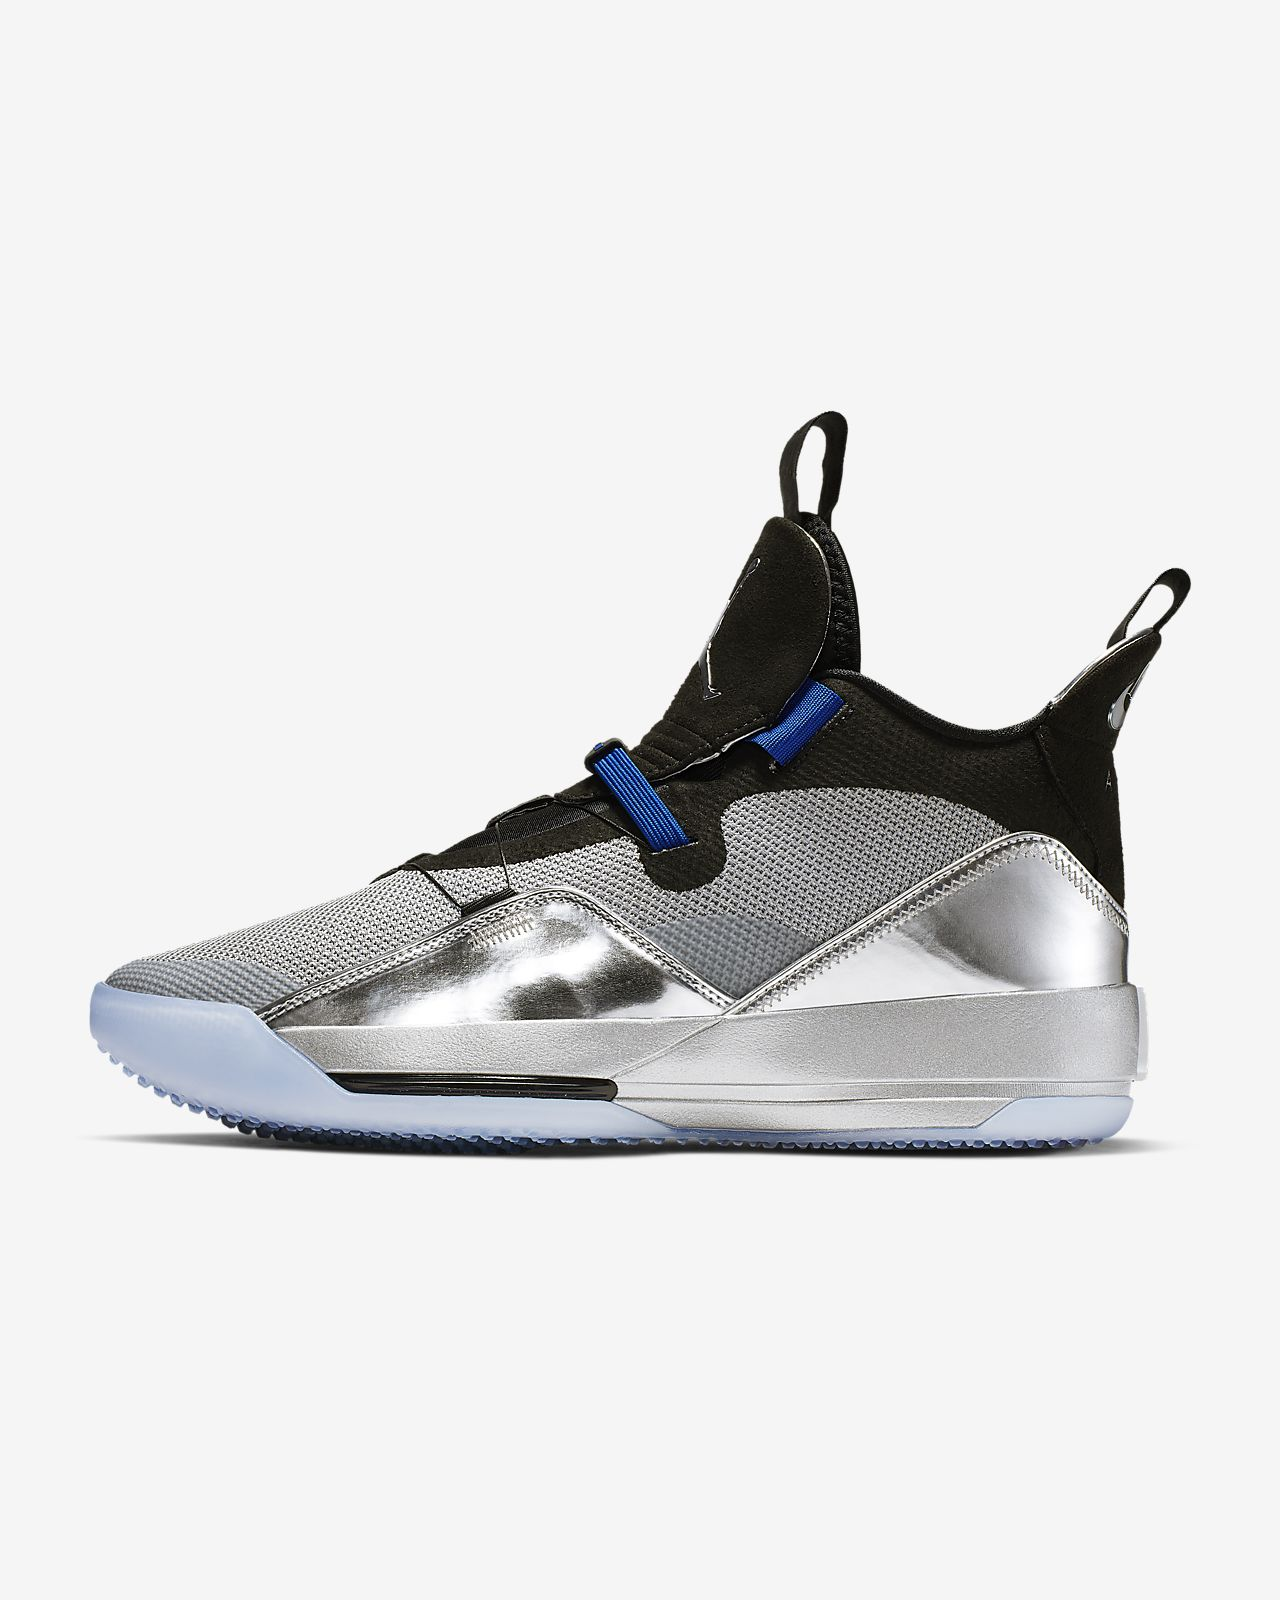 Air Jordan XXXIII Men's Basketball Shoe